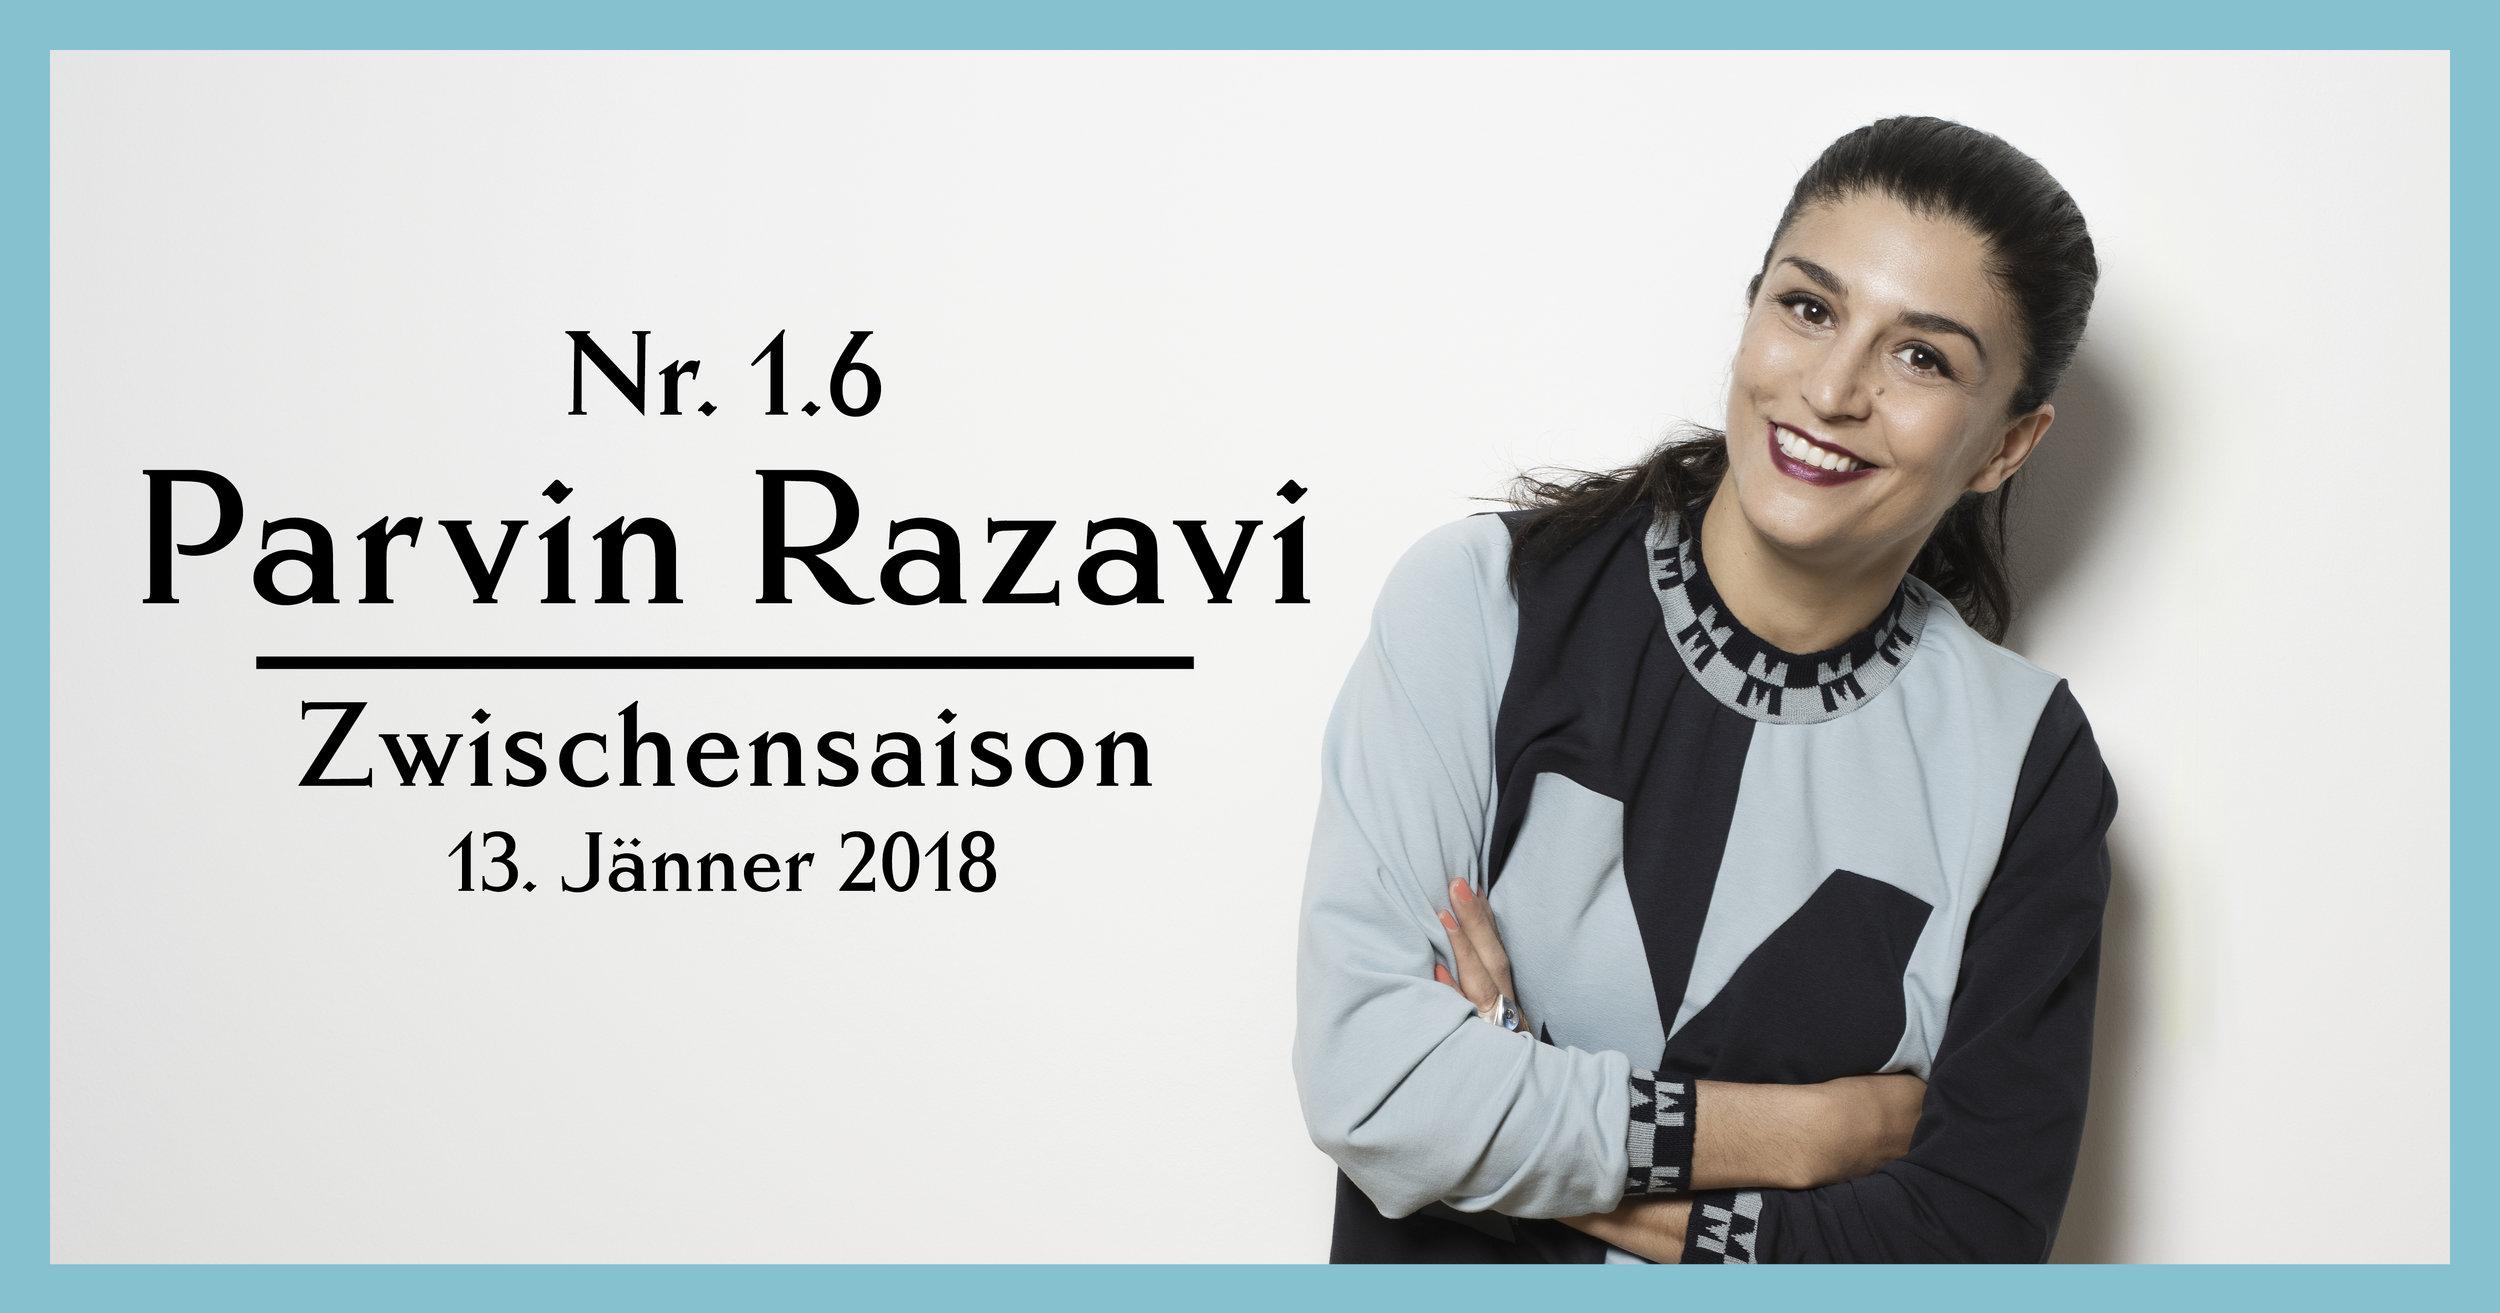 rien - 171221 - Zwischensaison - Parvin Razavi - Banner_cyan.jpg